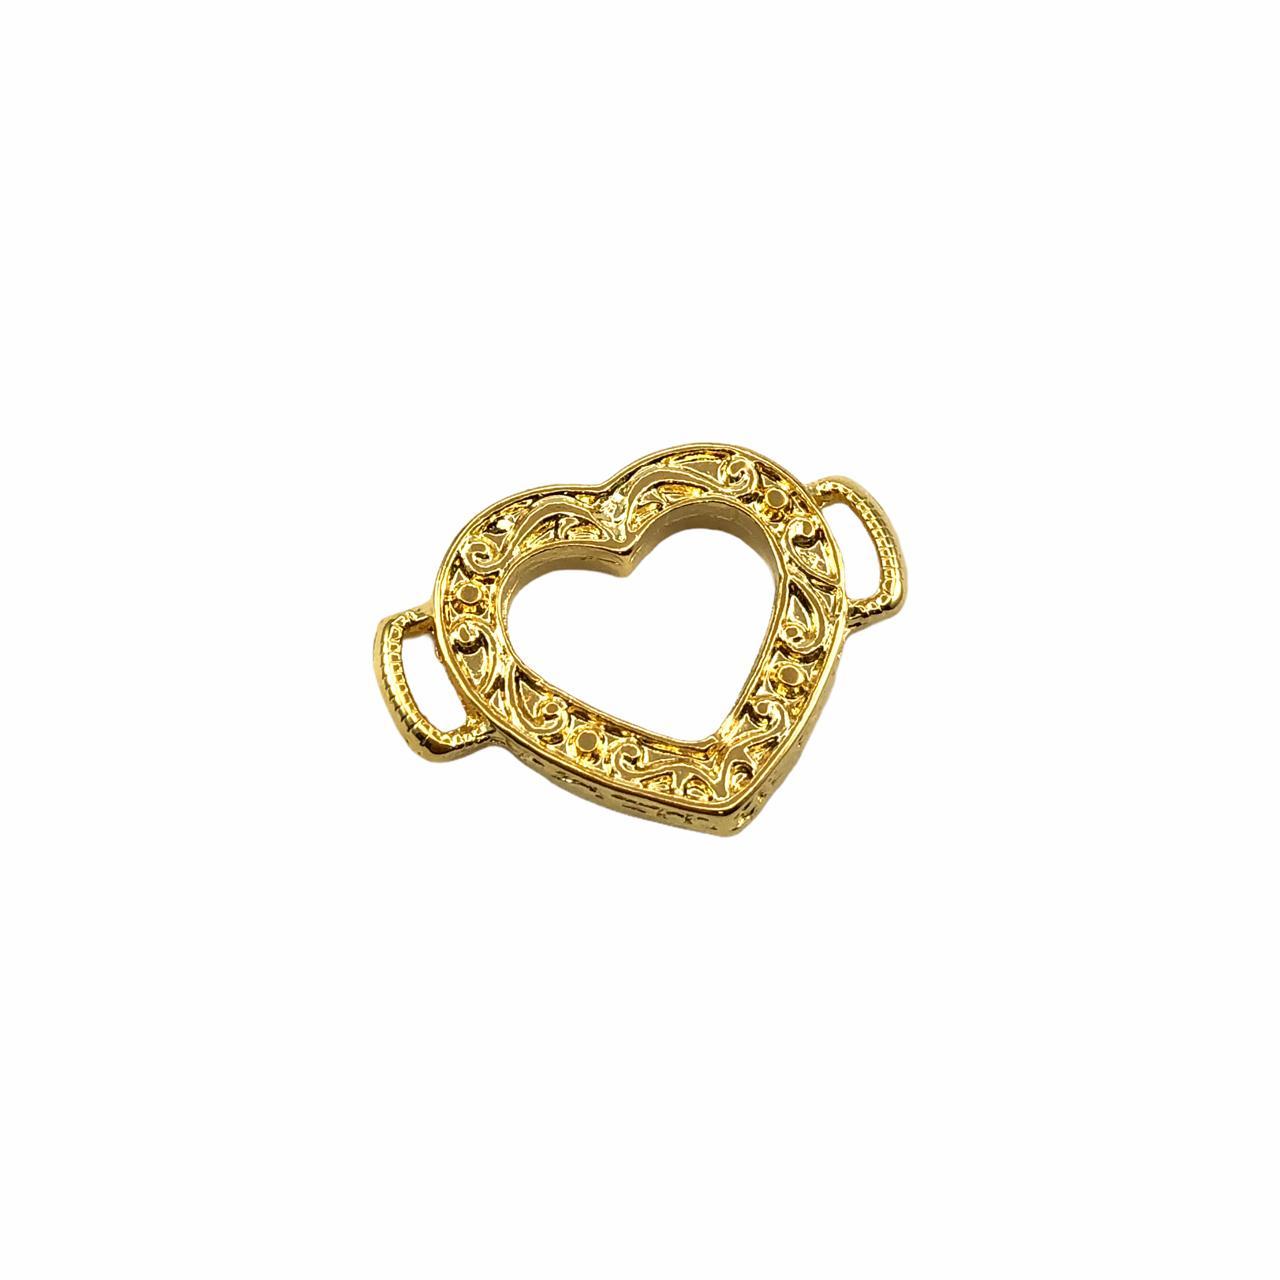 ETM529 - Entremeio Coração Banhado Cor Dourado - 1Unid